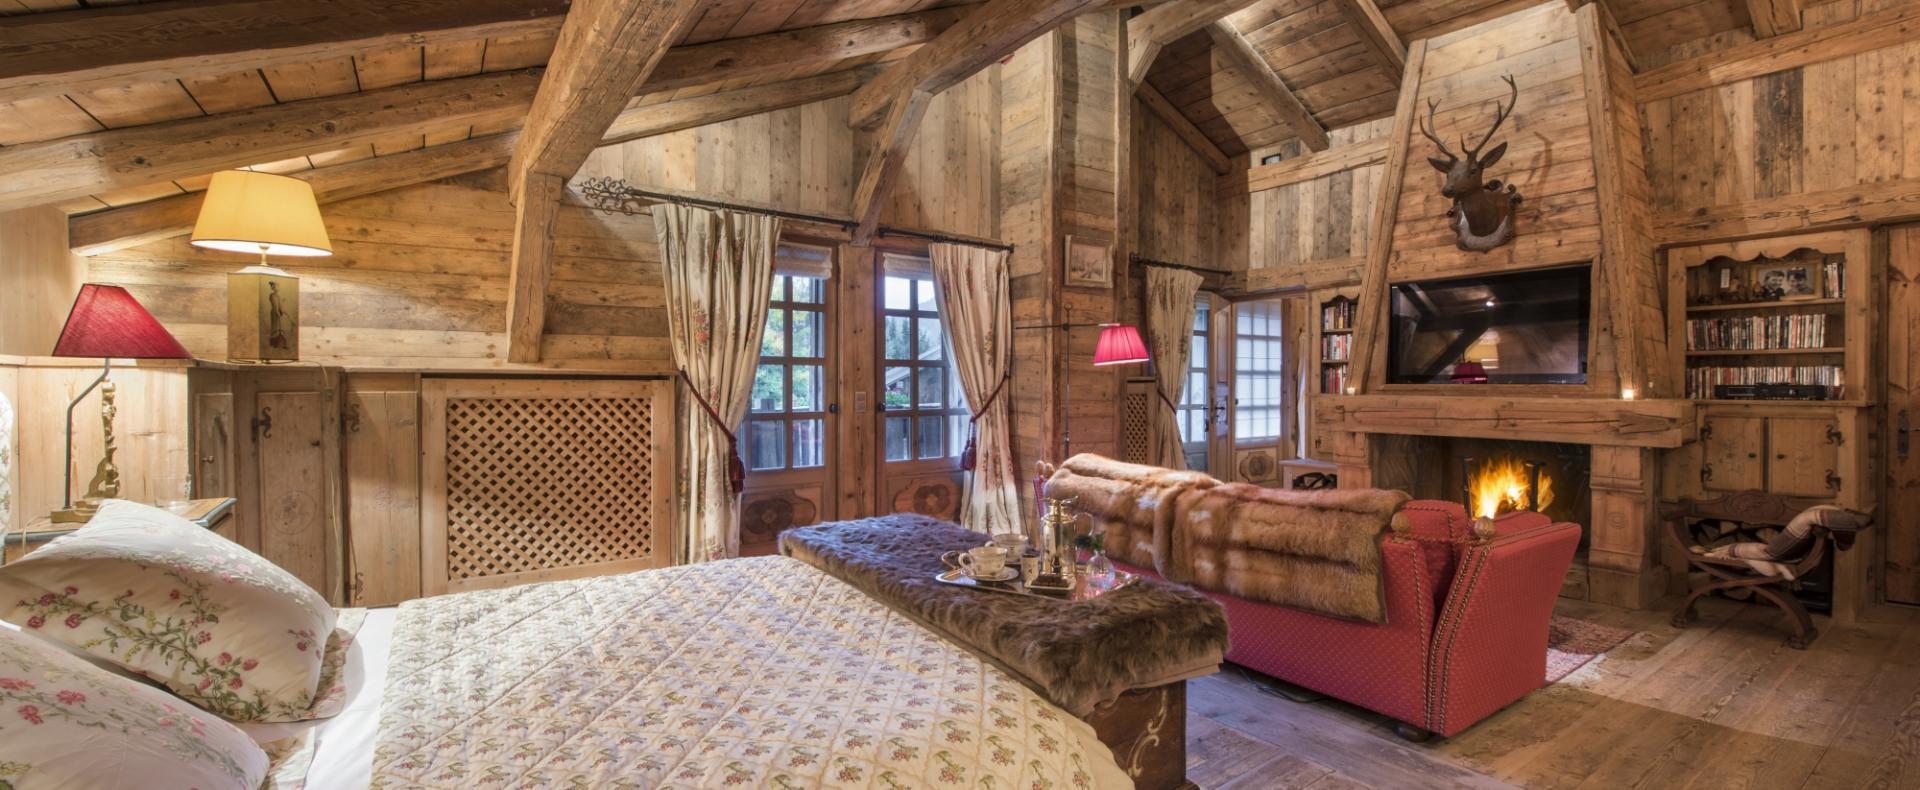 Chalet Ma Datcha, Ski Megeve, France, Ultimate Luxury Chalets